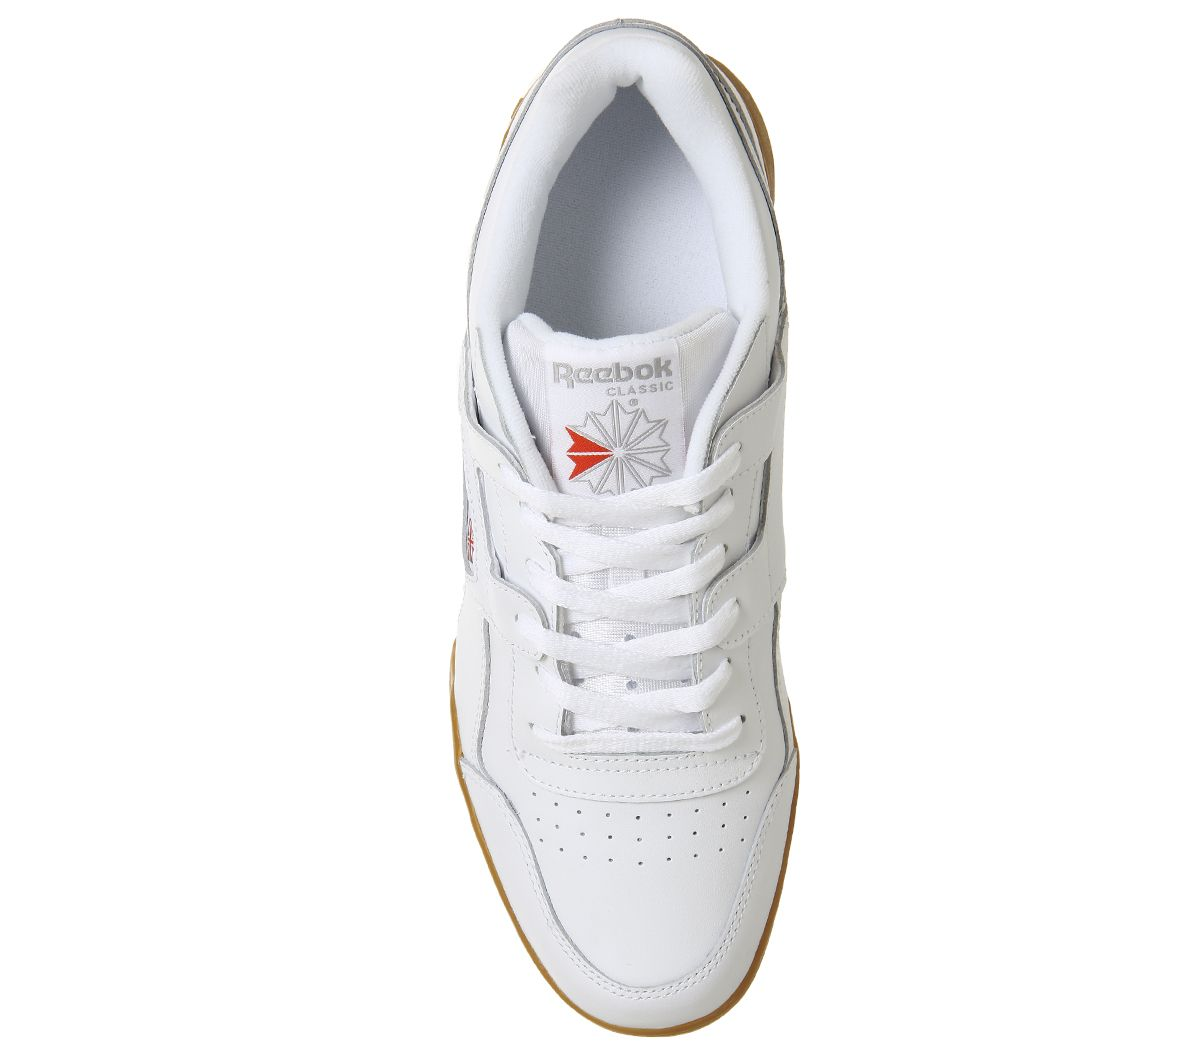 Reebok Workout Entrenadores Blanco Carbón Gum Zapatillas Plus Zapatos